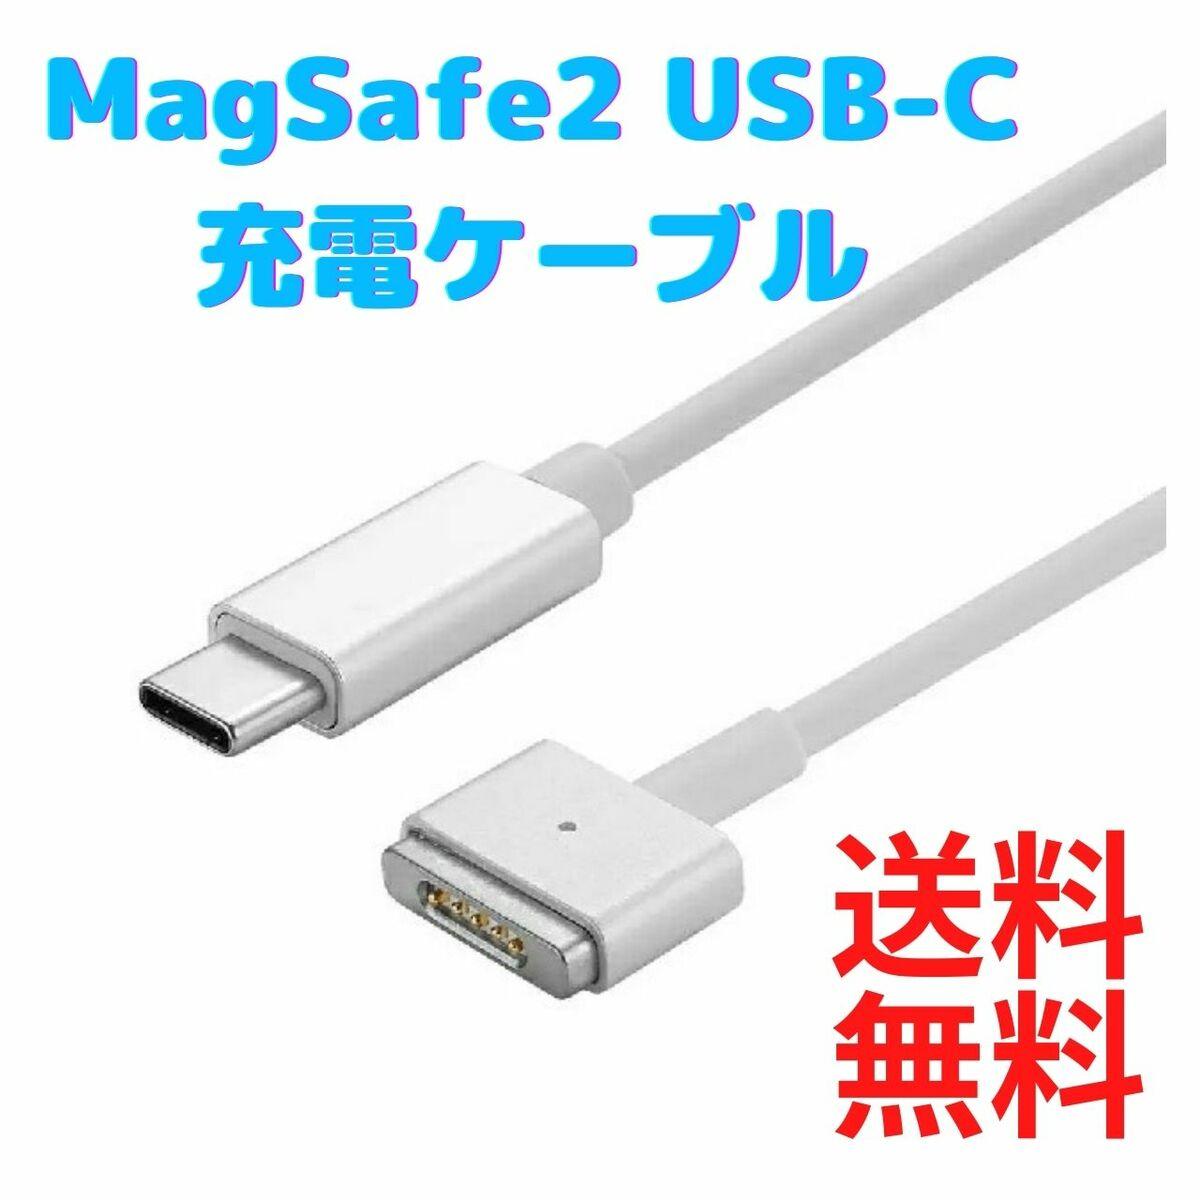 送料無料!急速充電対応 MacBook USB-C 変換 ケーブル MagSafe2 USB-C PD 充電ケーブル 磁気 マグネット 1.7m MacBook Air Pro 60W Type-C 変換 充電ケーブル 11、13インチ 用(2012年中期以降のモデル)